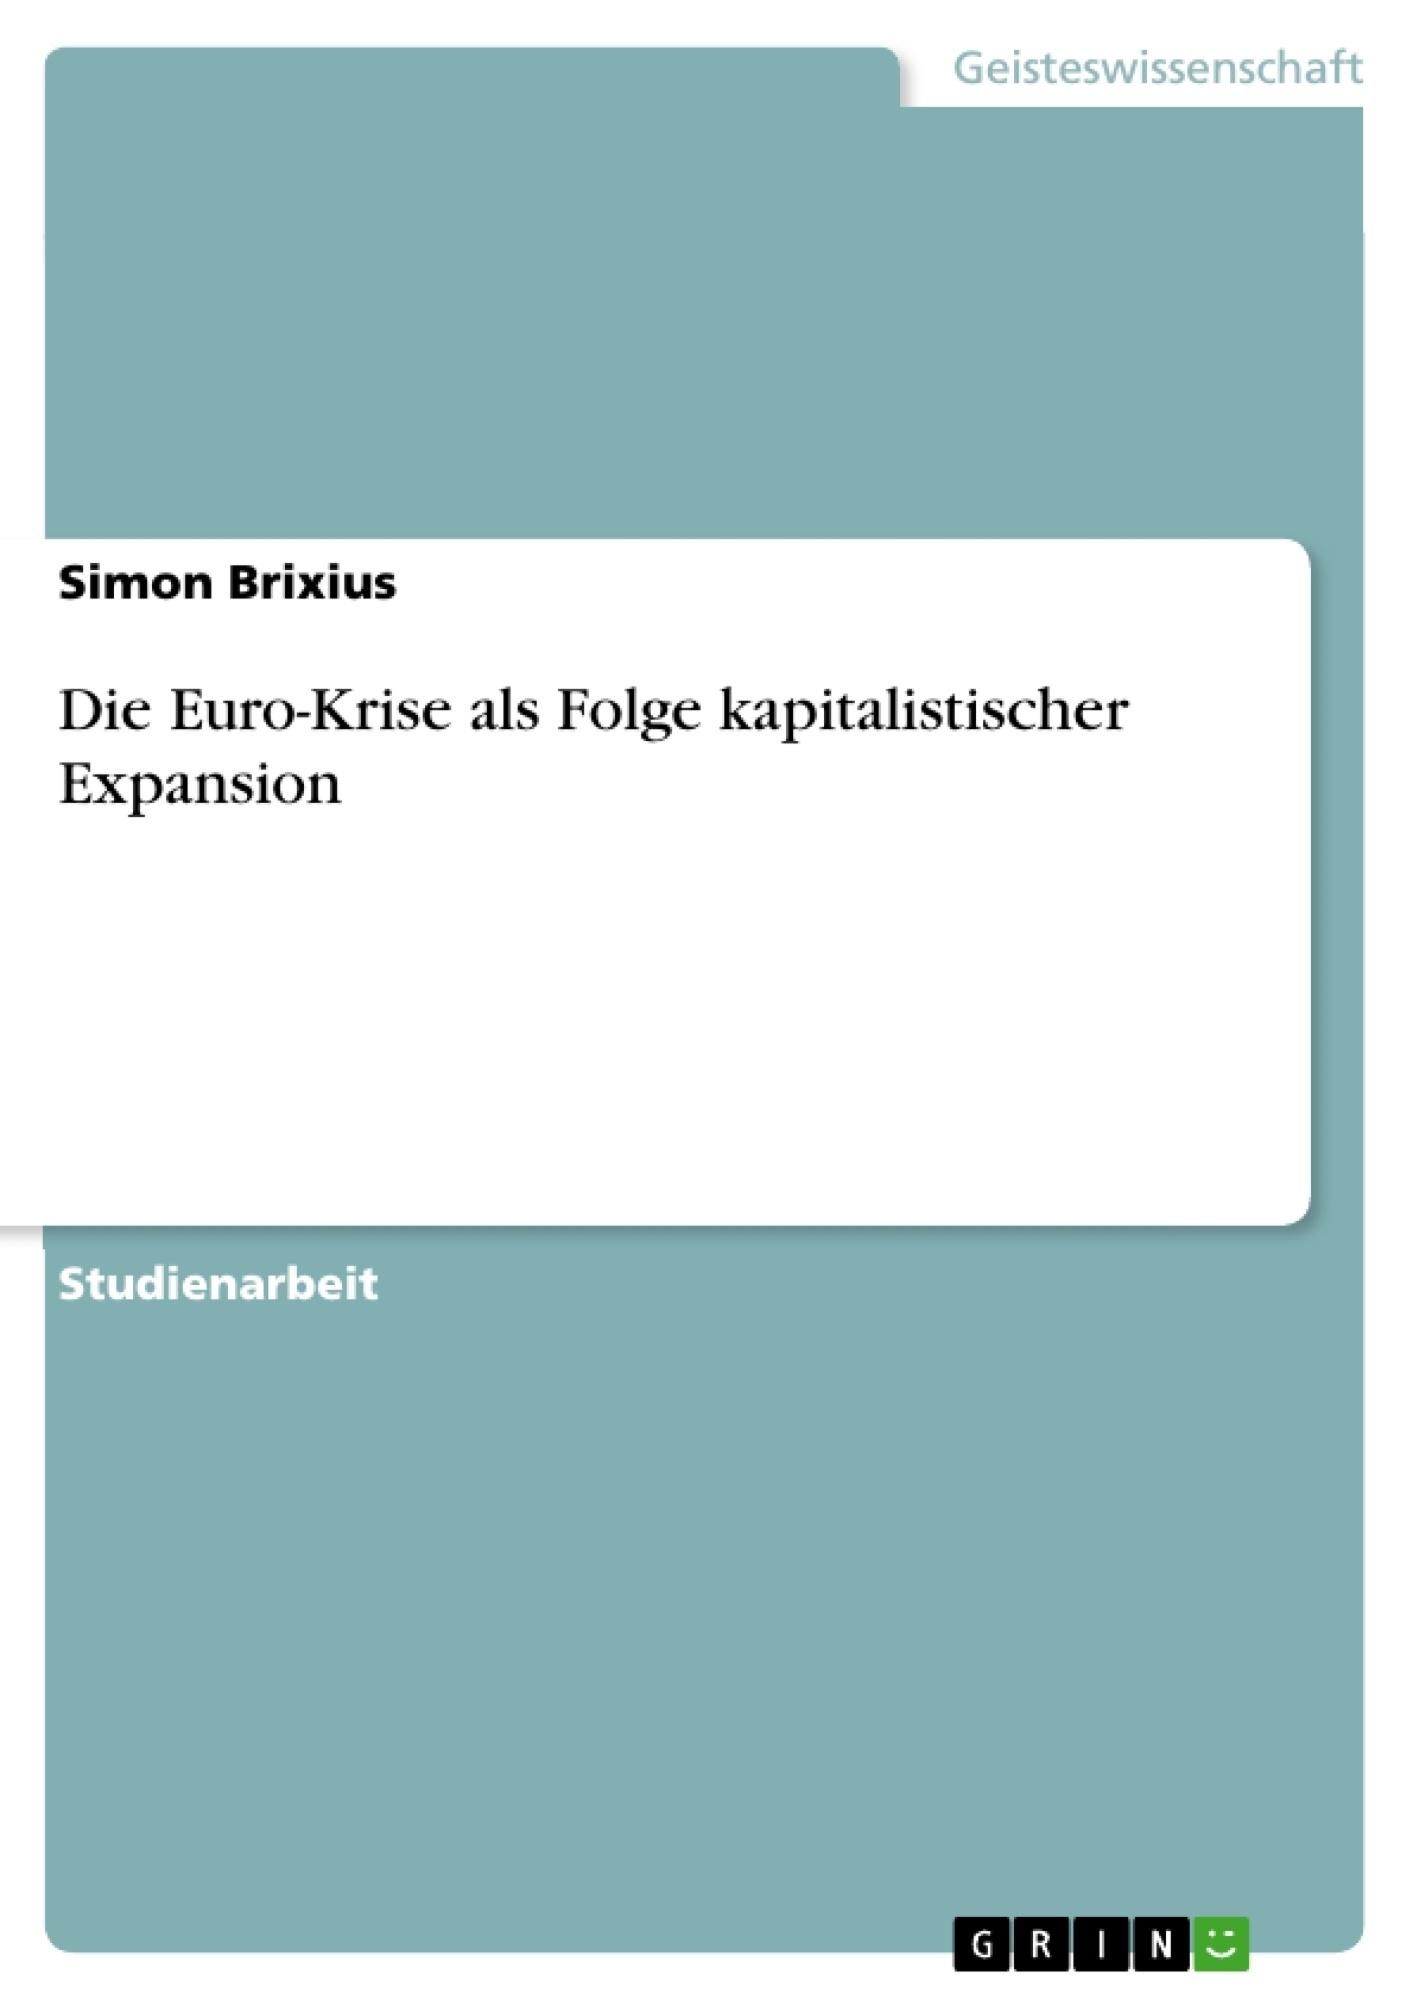 Titel: Die Euro-Krise als Folge kapitalistischer Expansion